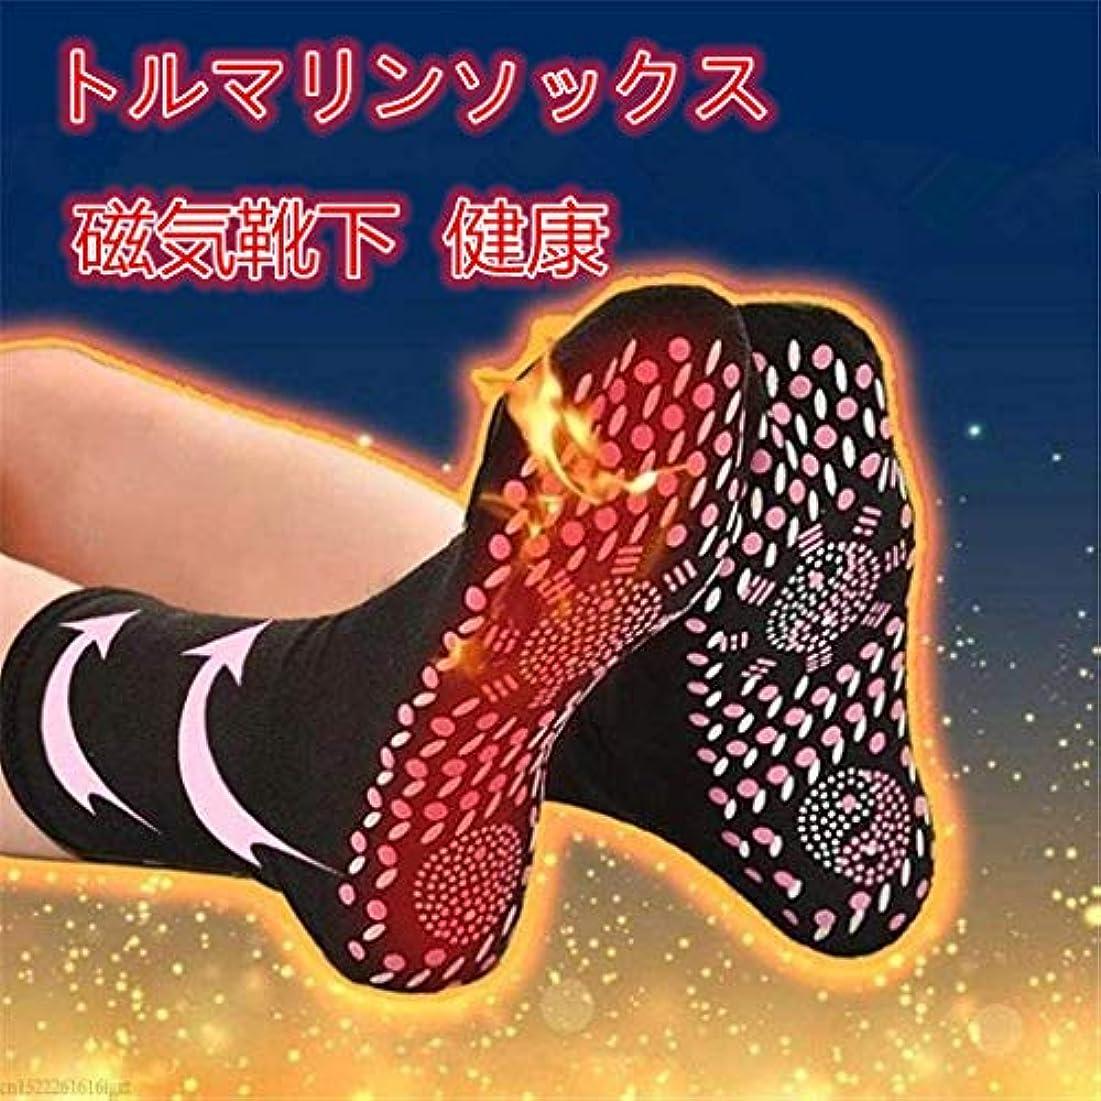 マトン統合急性健康靴下痛み止め 自己発熱ソックス 磁気治療靴下 マッサージ ソックス トルマリン磁気靴下 滑り止め付 血液循環促進 湿気取り除き 冷たさ払拭 痛み和らげ 磁気療法ソックス 通気性